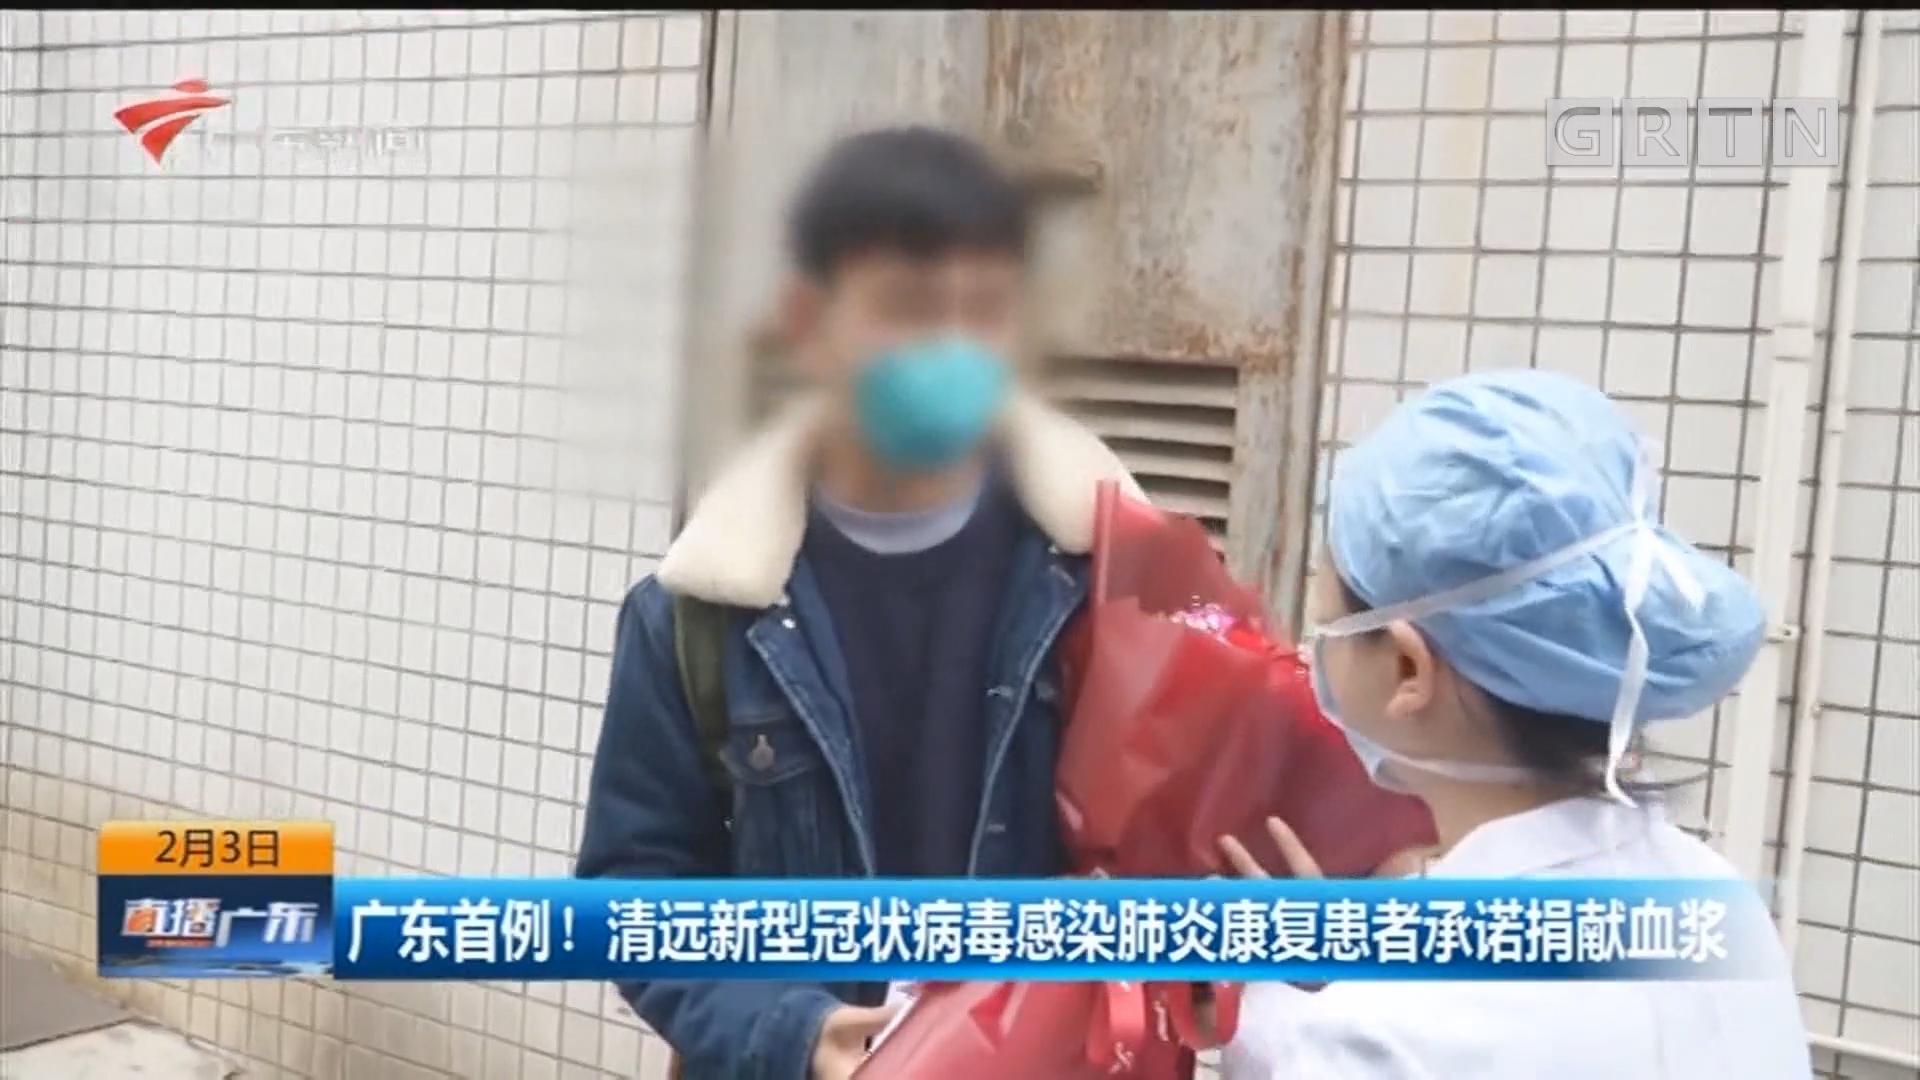 广东首例!清远新型冠状病毒感染肺炎康复患者承诺捐献血浆